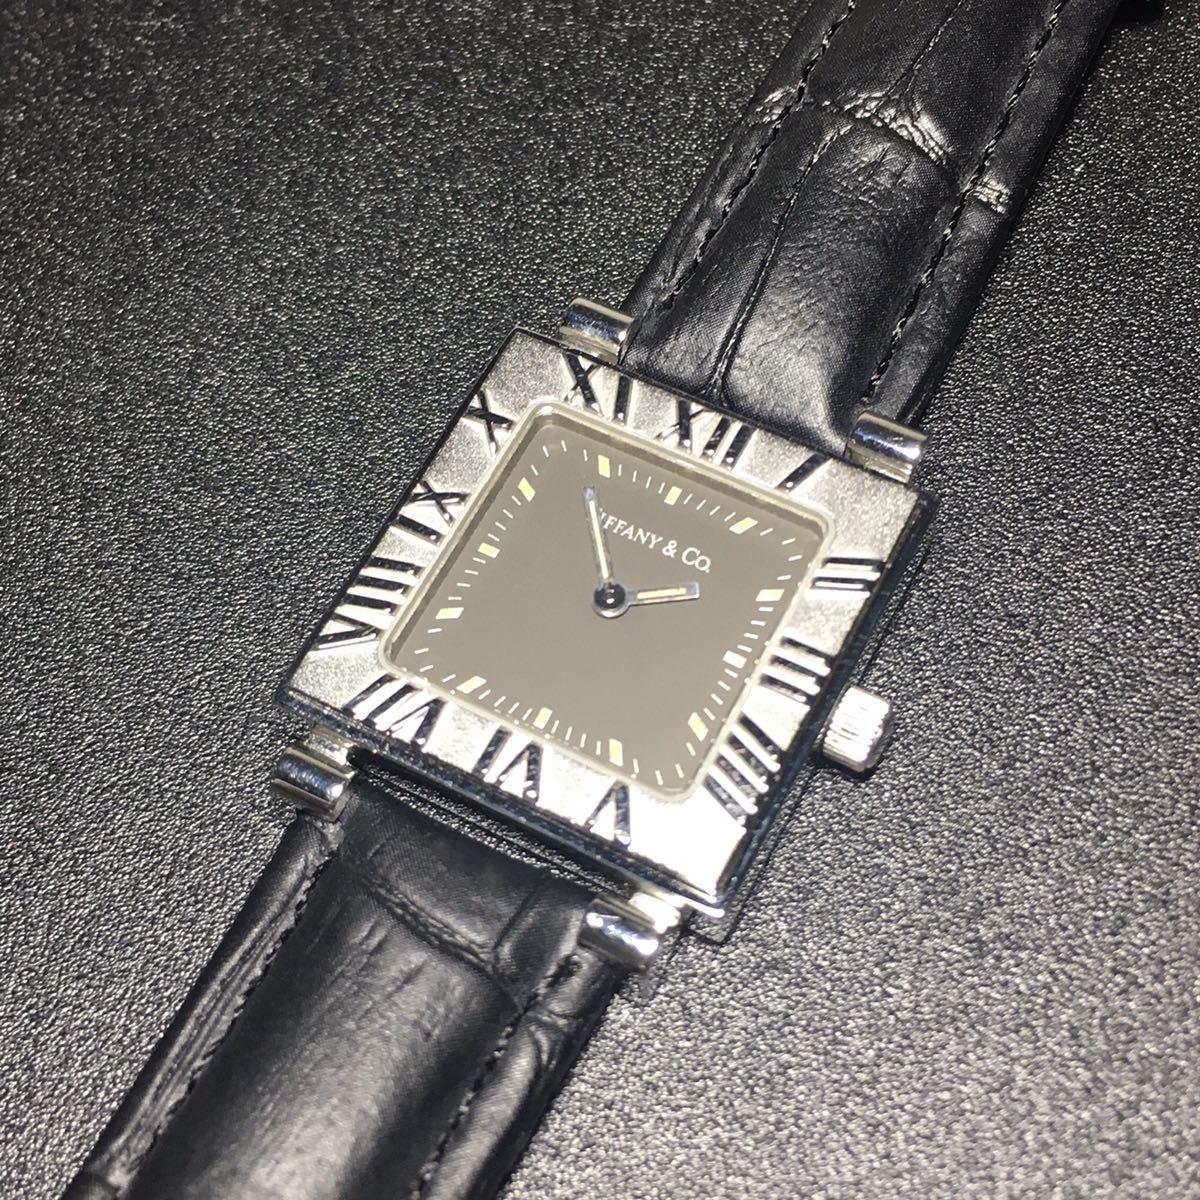 【美品 正規品】ティファニー 腕時計 アトラス スクエア レディース 可動品 時計 TIFFANY クオーツ 【2006Ti10】_画像7